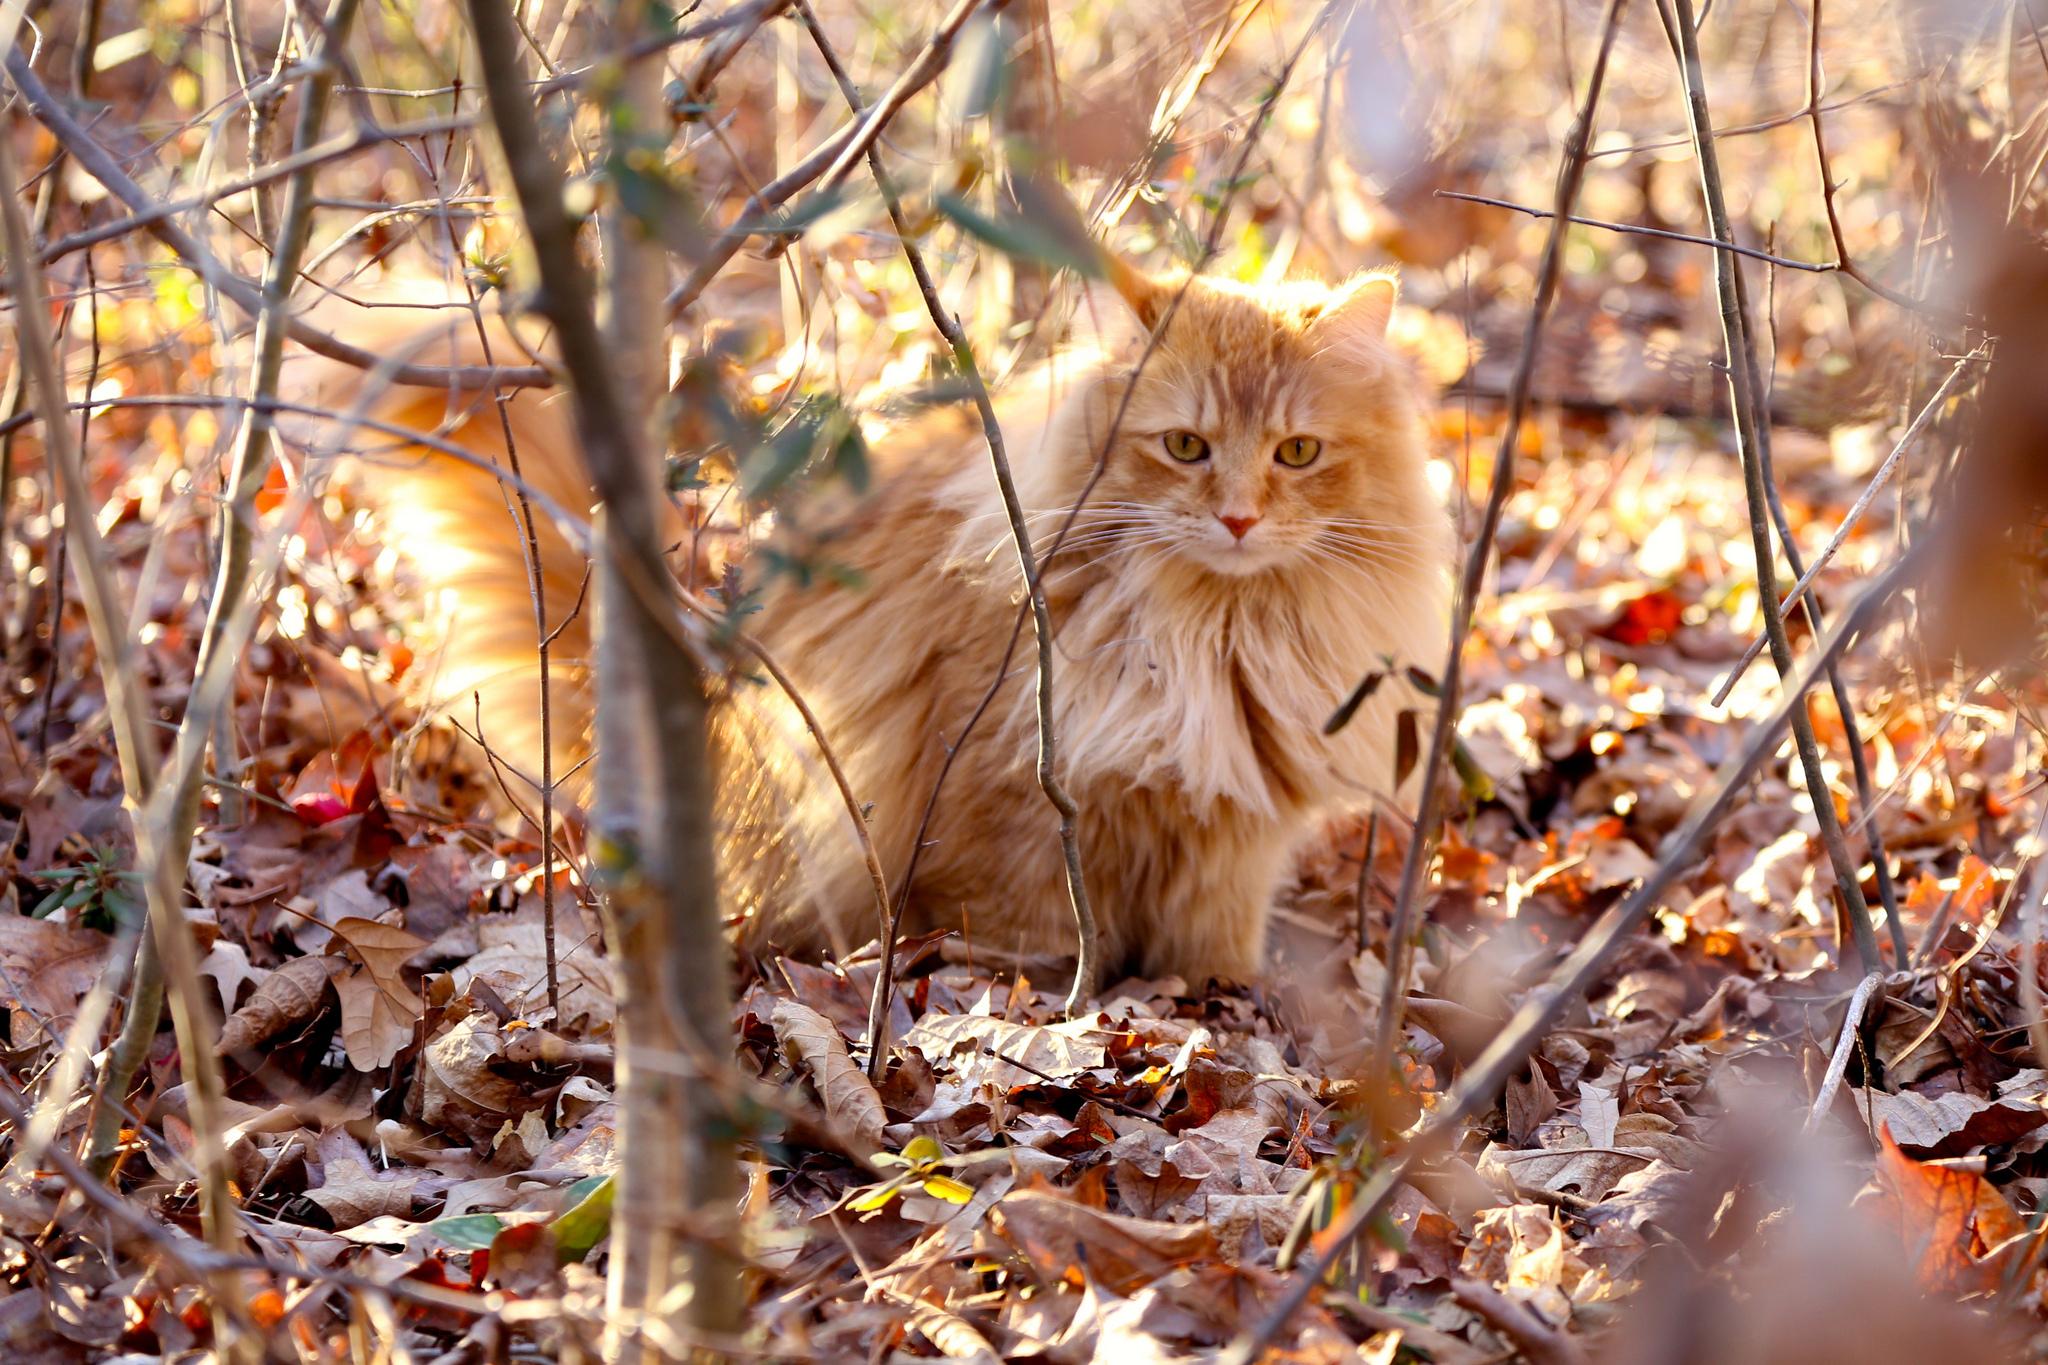 природа рыжий кот трава листья животное рот загрузить